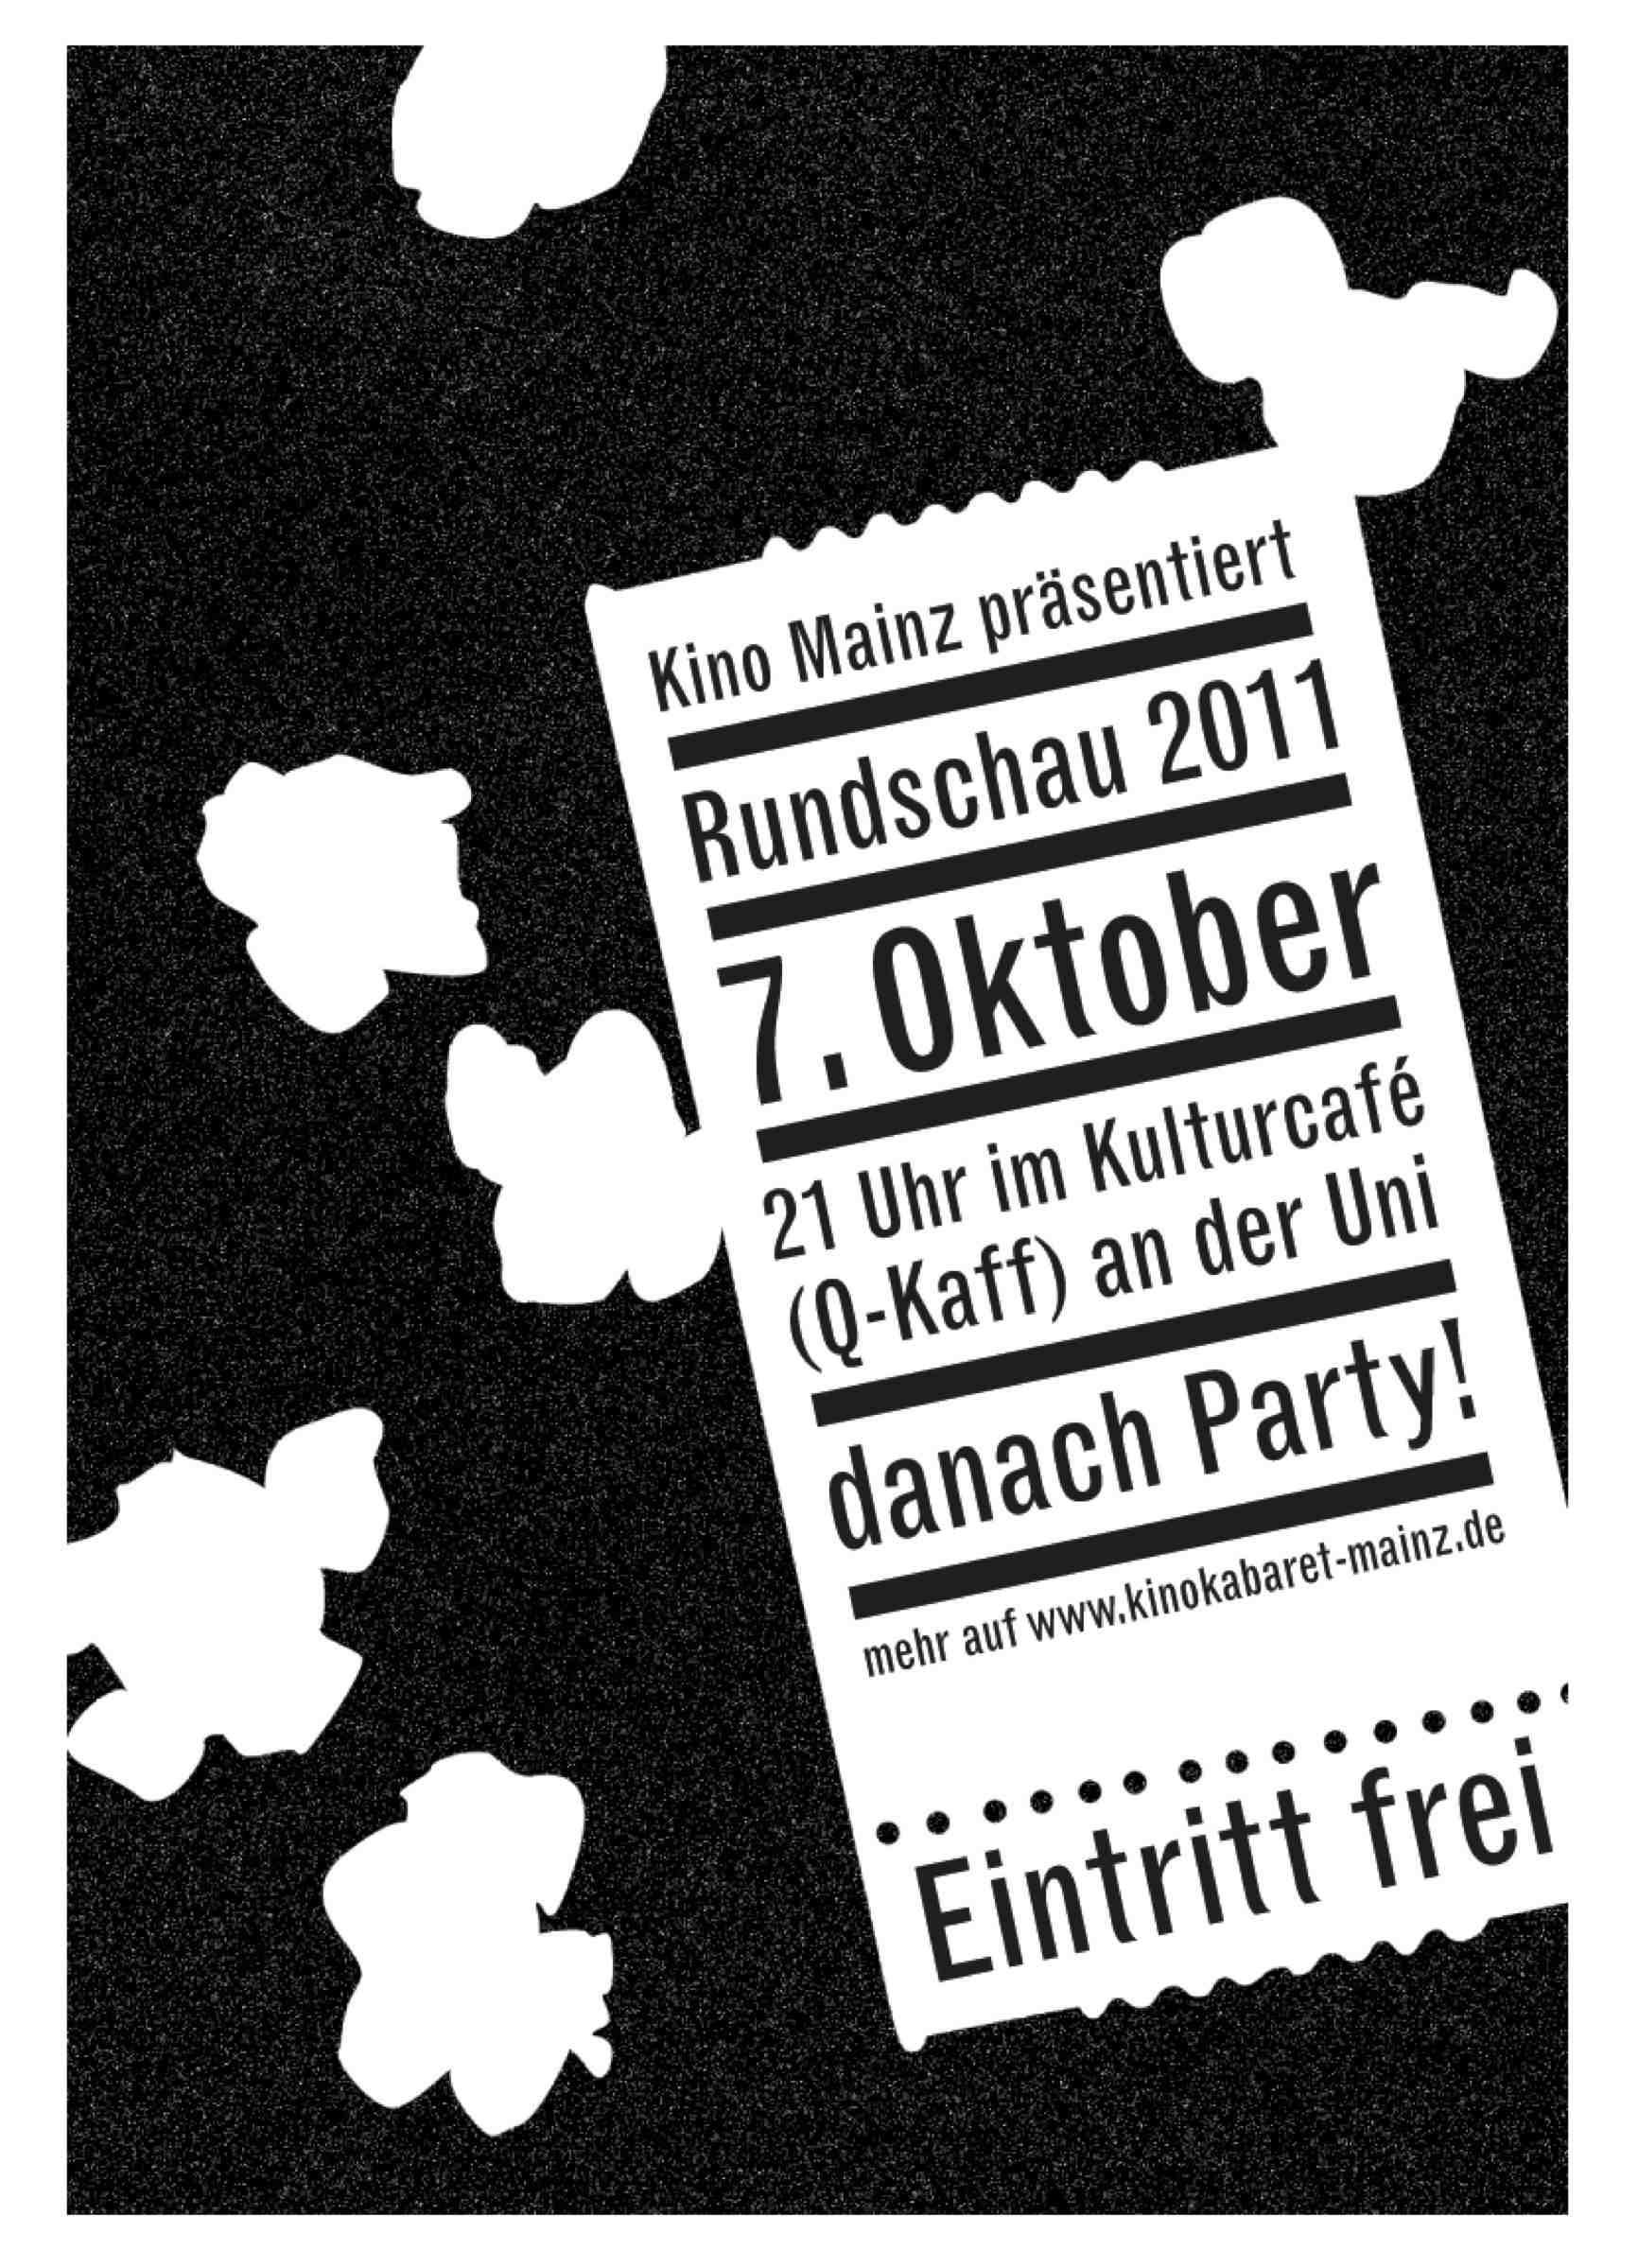 Rundschau 2011 Flyer Front weiß klein